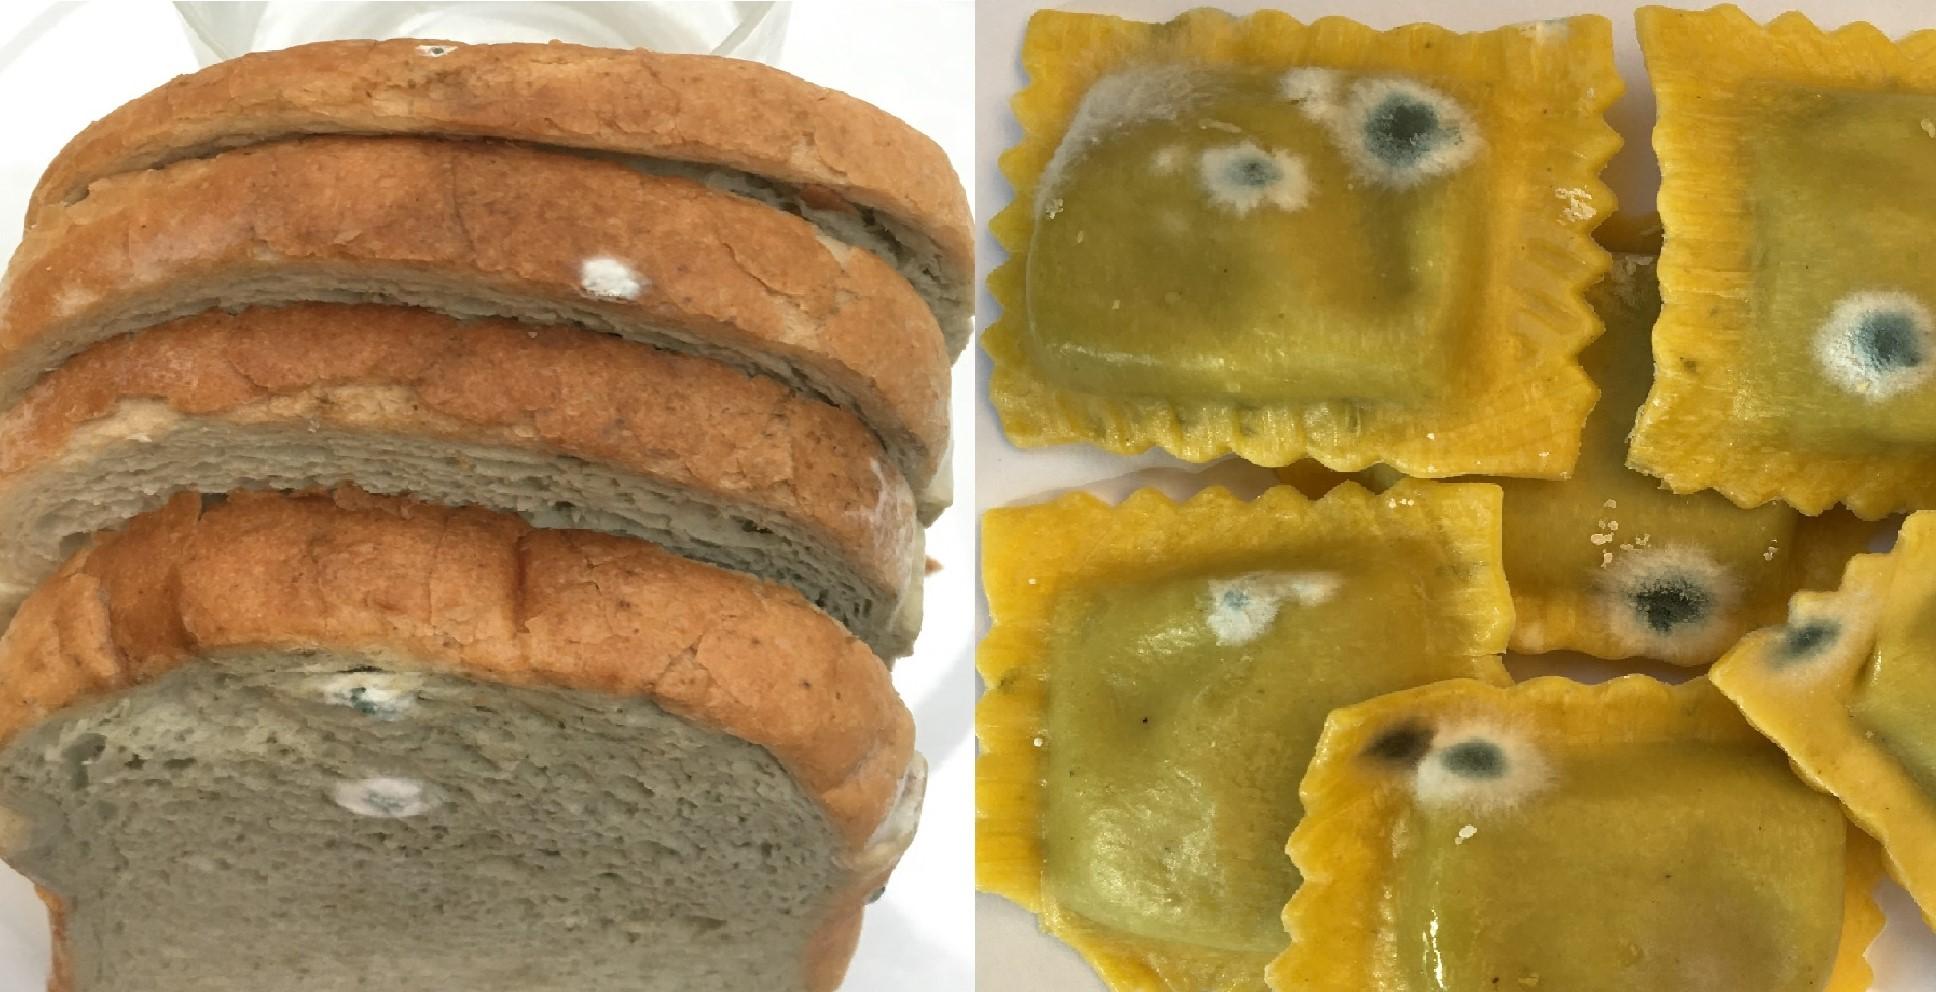 La muffa sulla pasta e pane